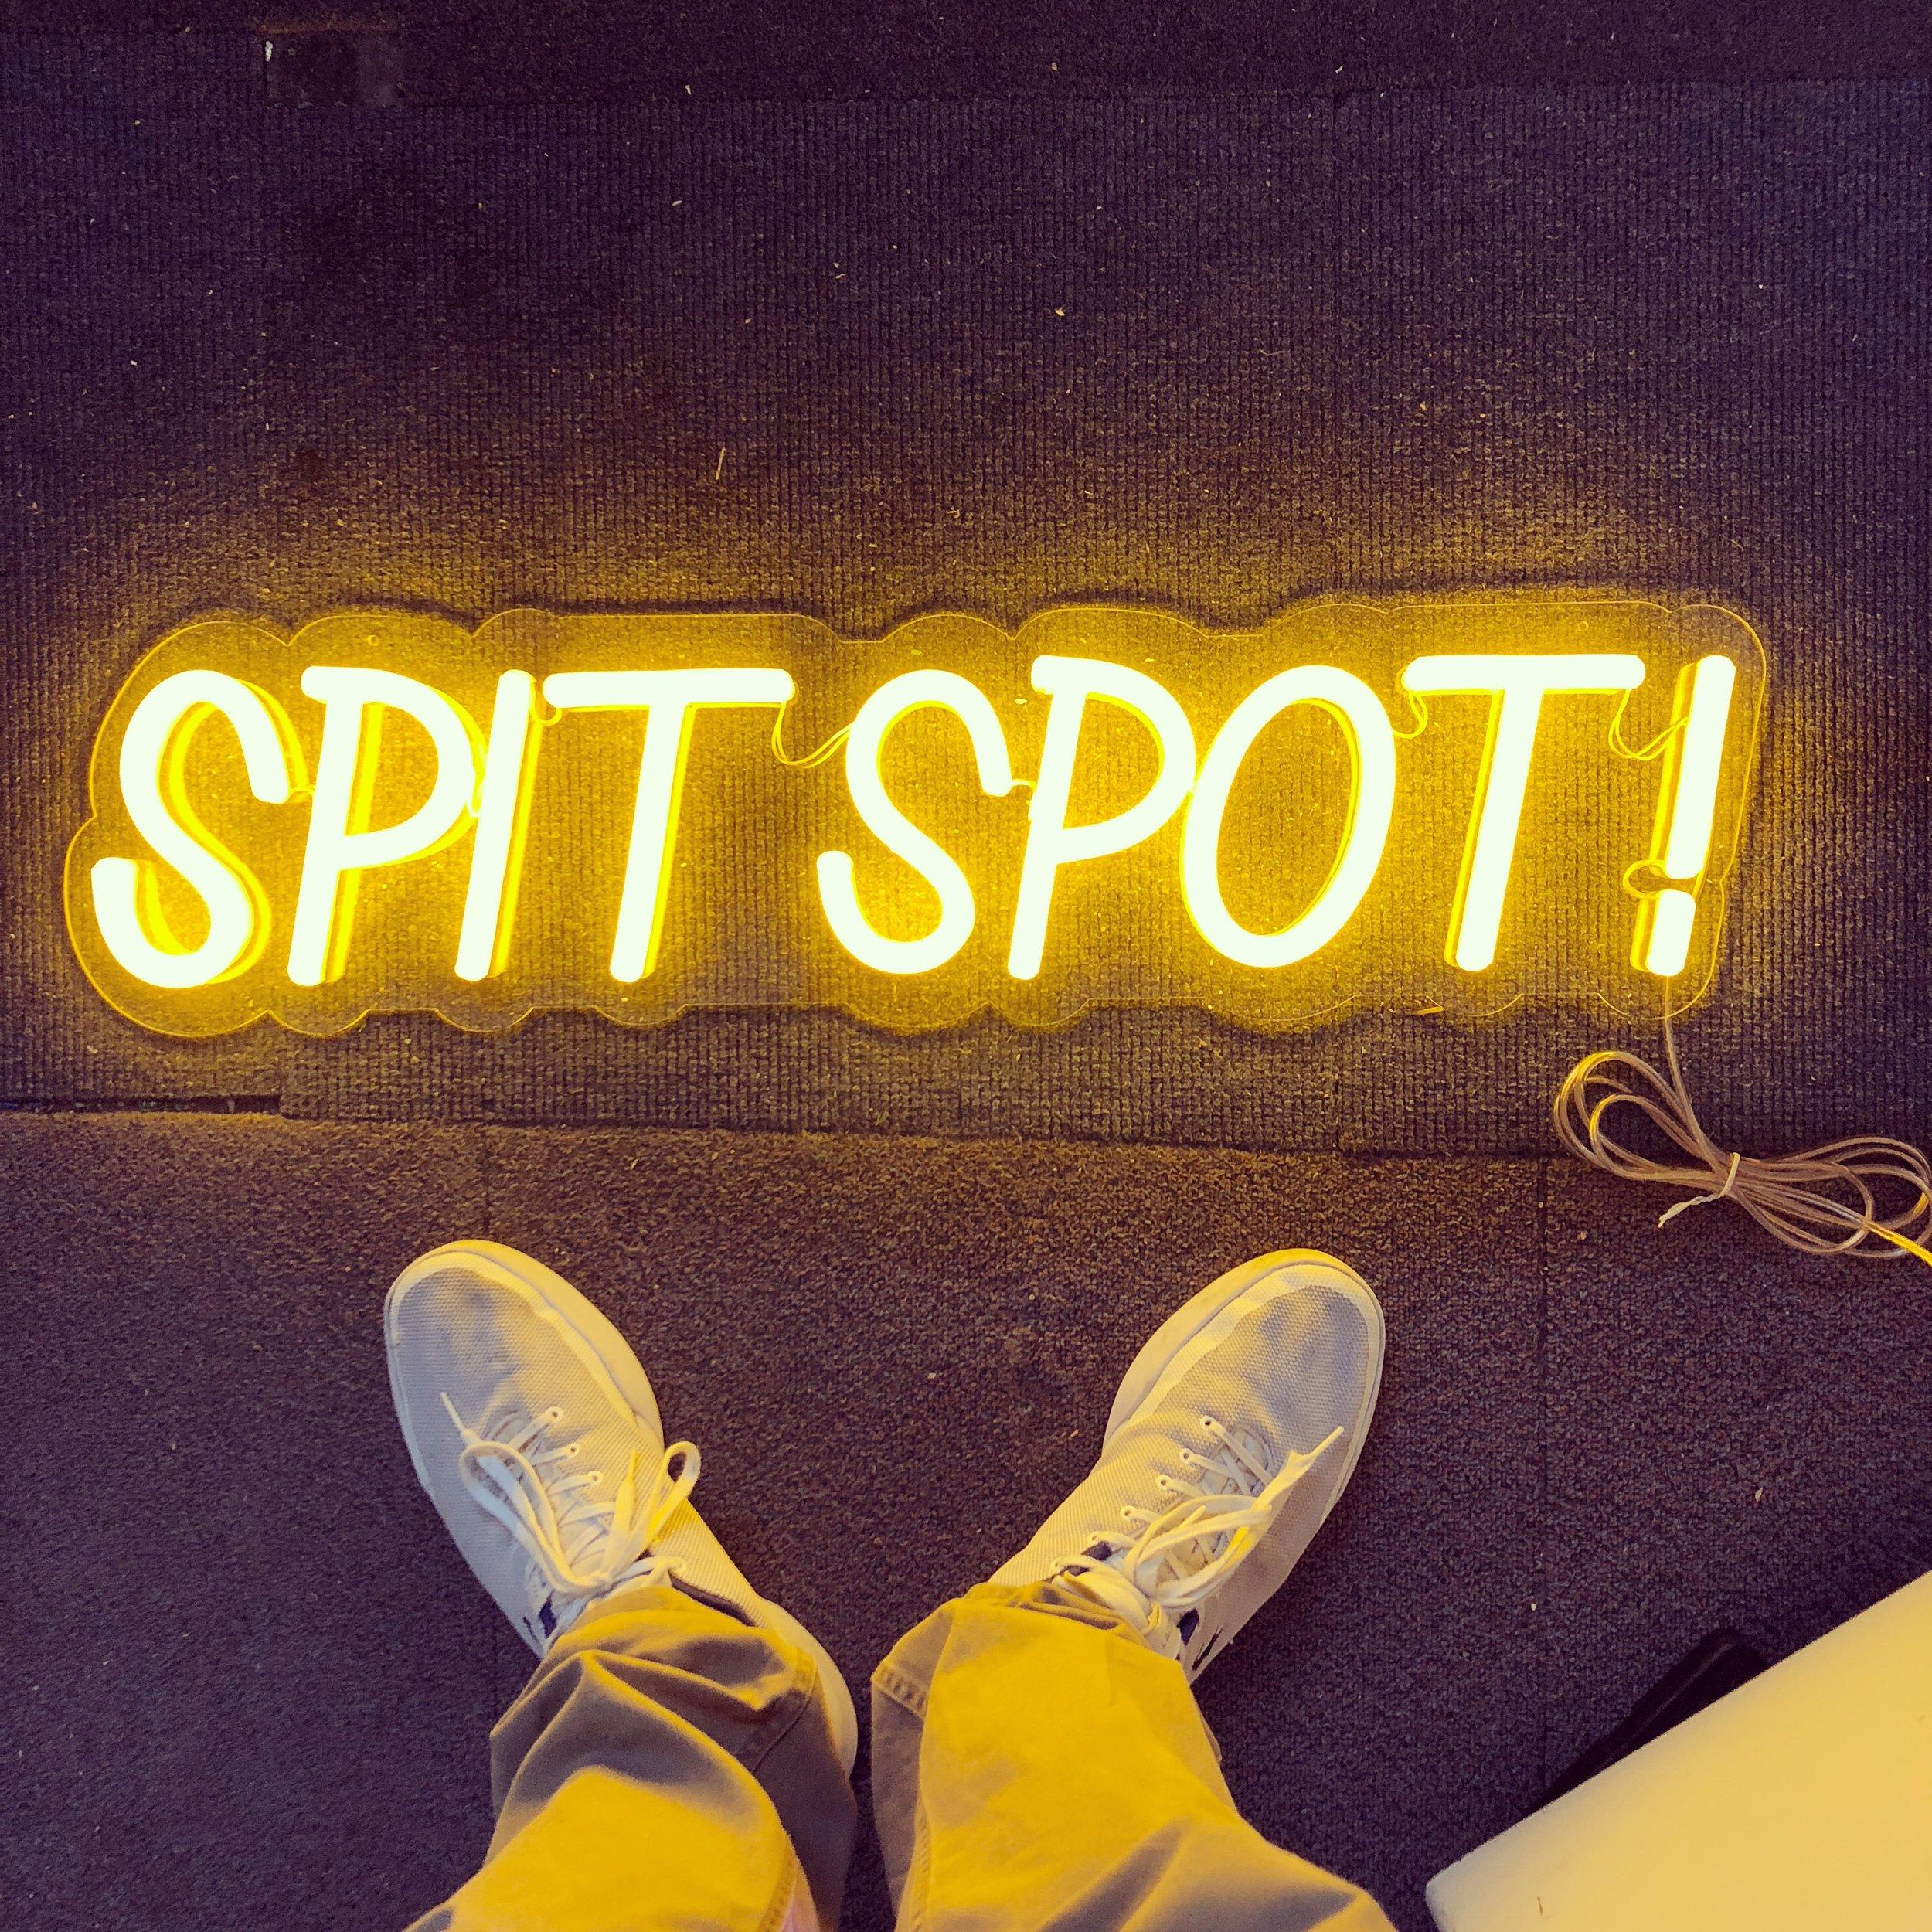 SpitSpot.jpg.JPG